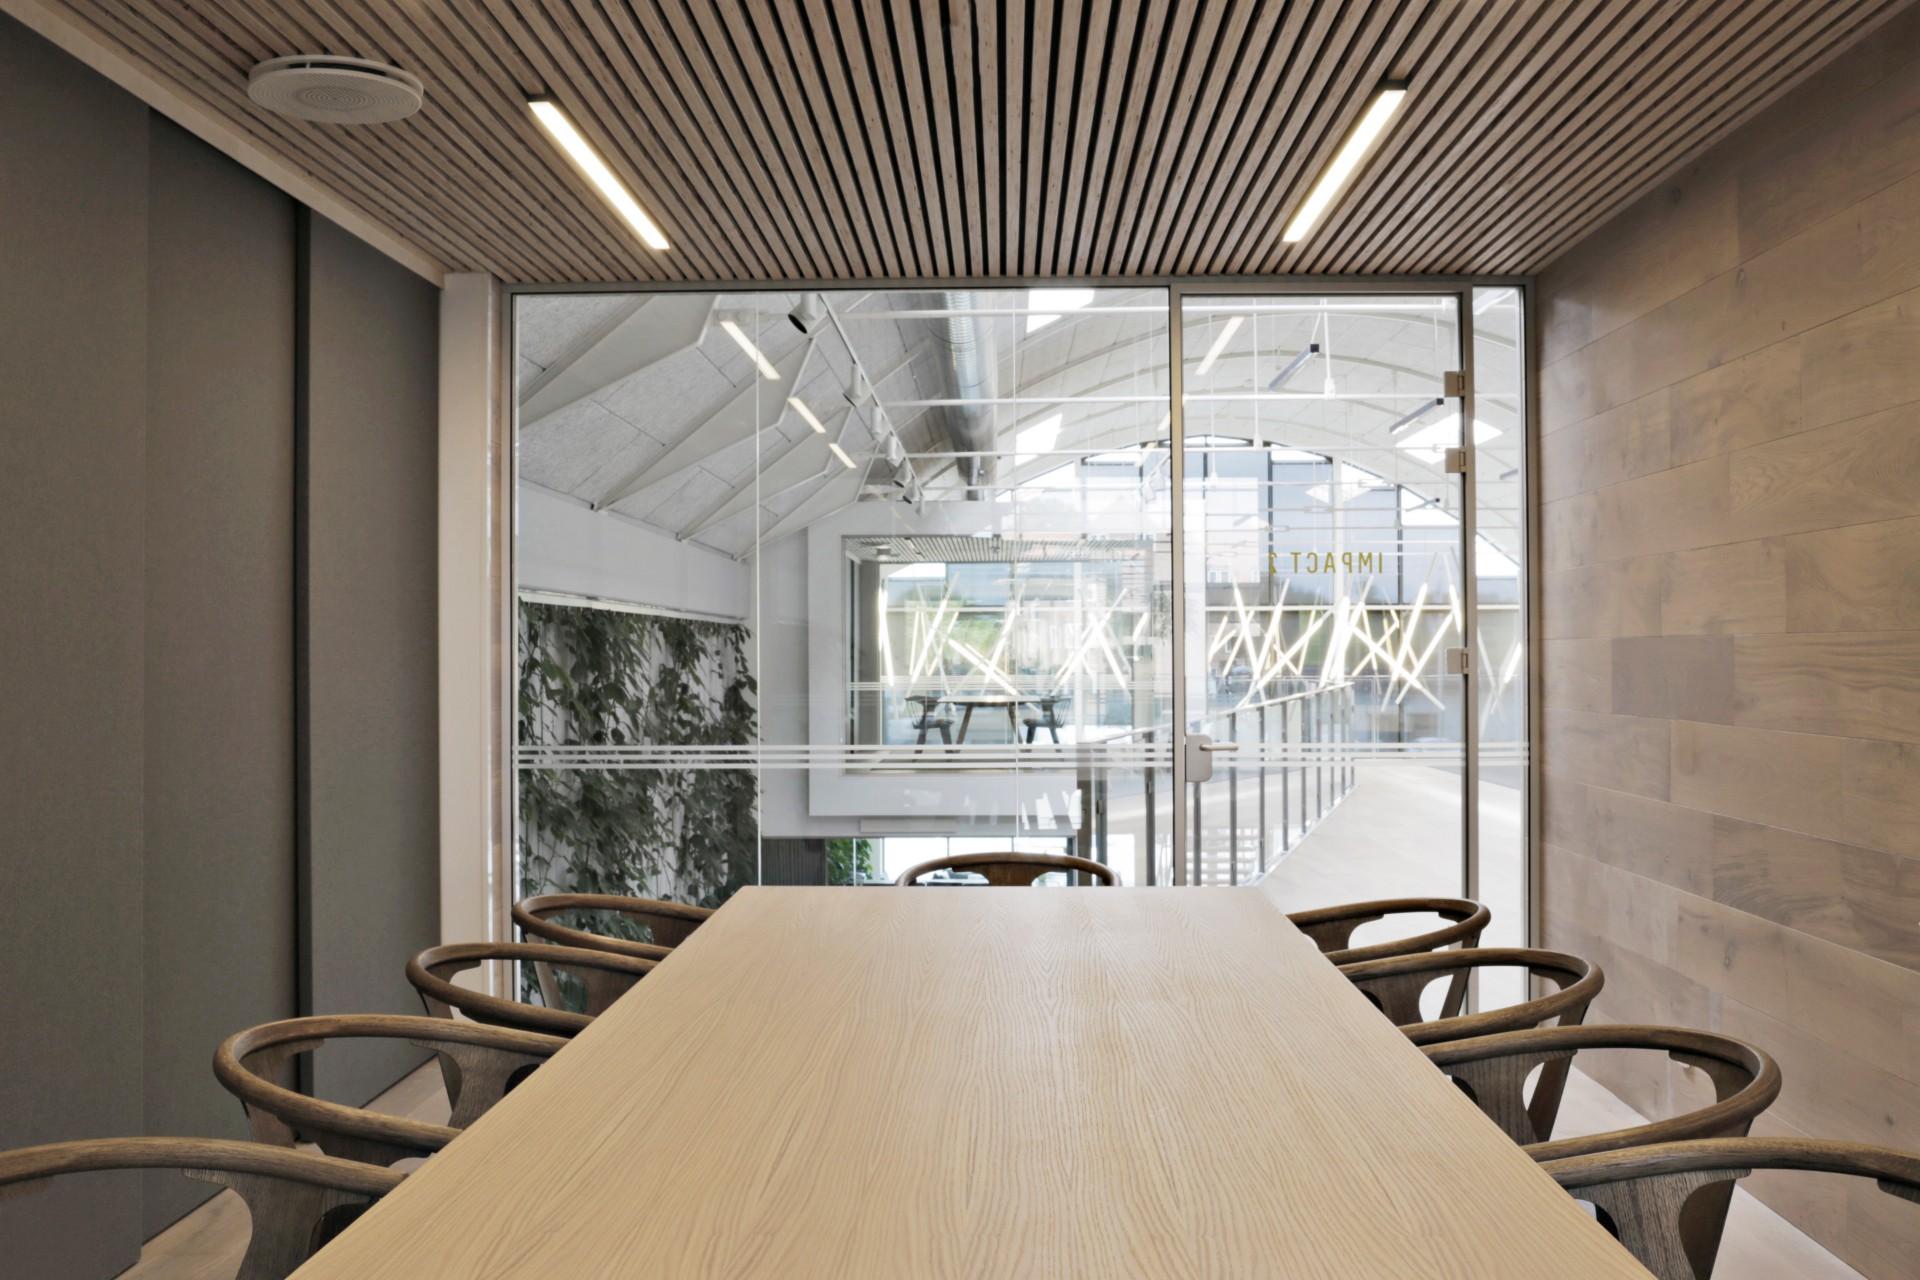 sofie-ladefoged-interior-impact-03.jpg